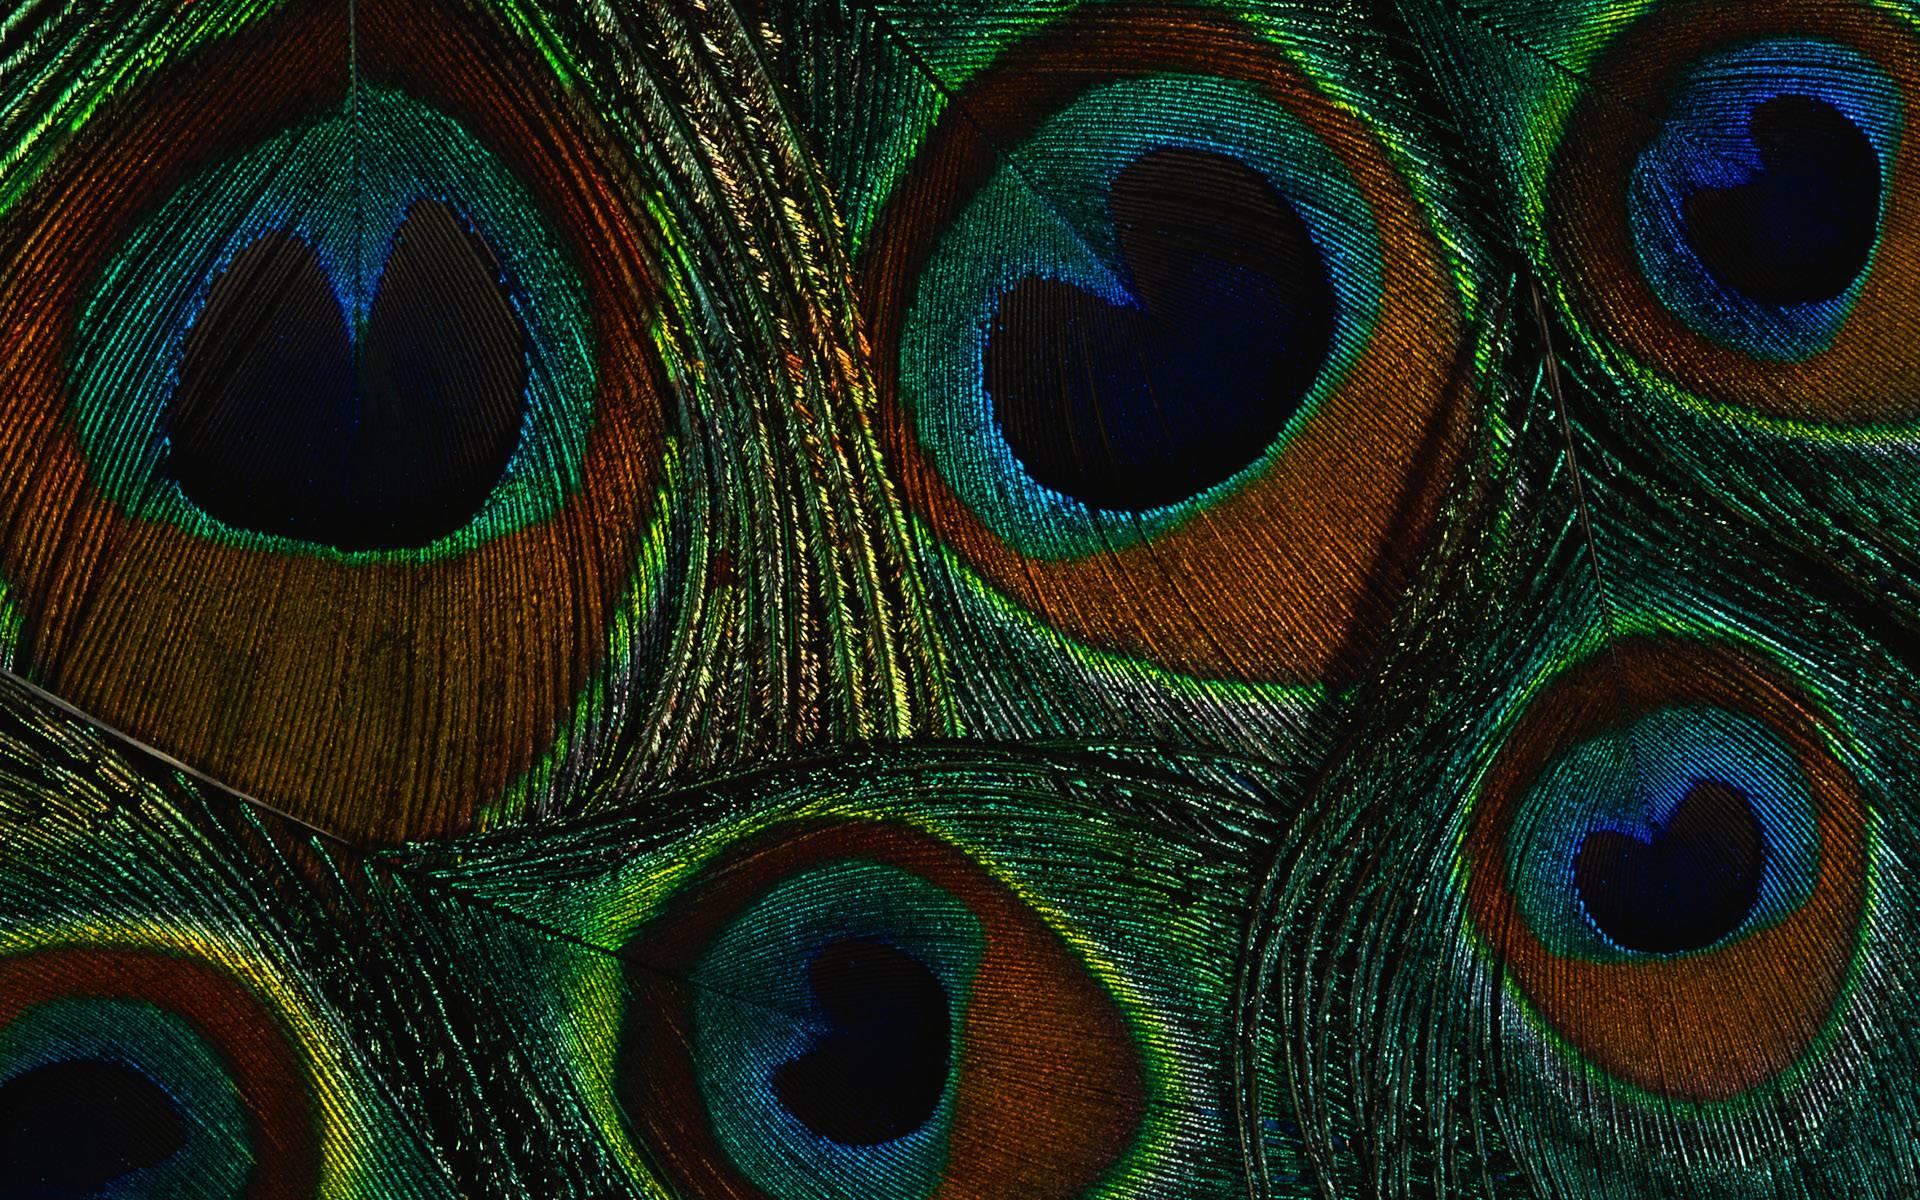 Hd wallpaper unique - Peacock Wallpaper